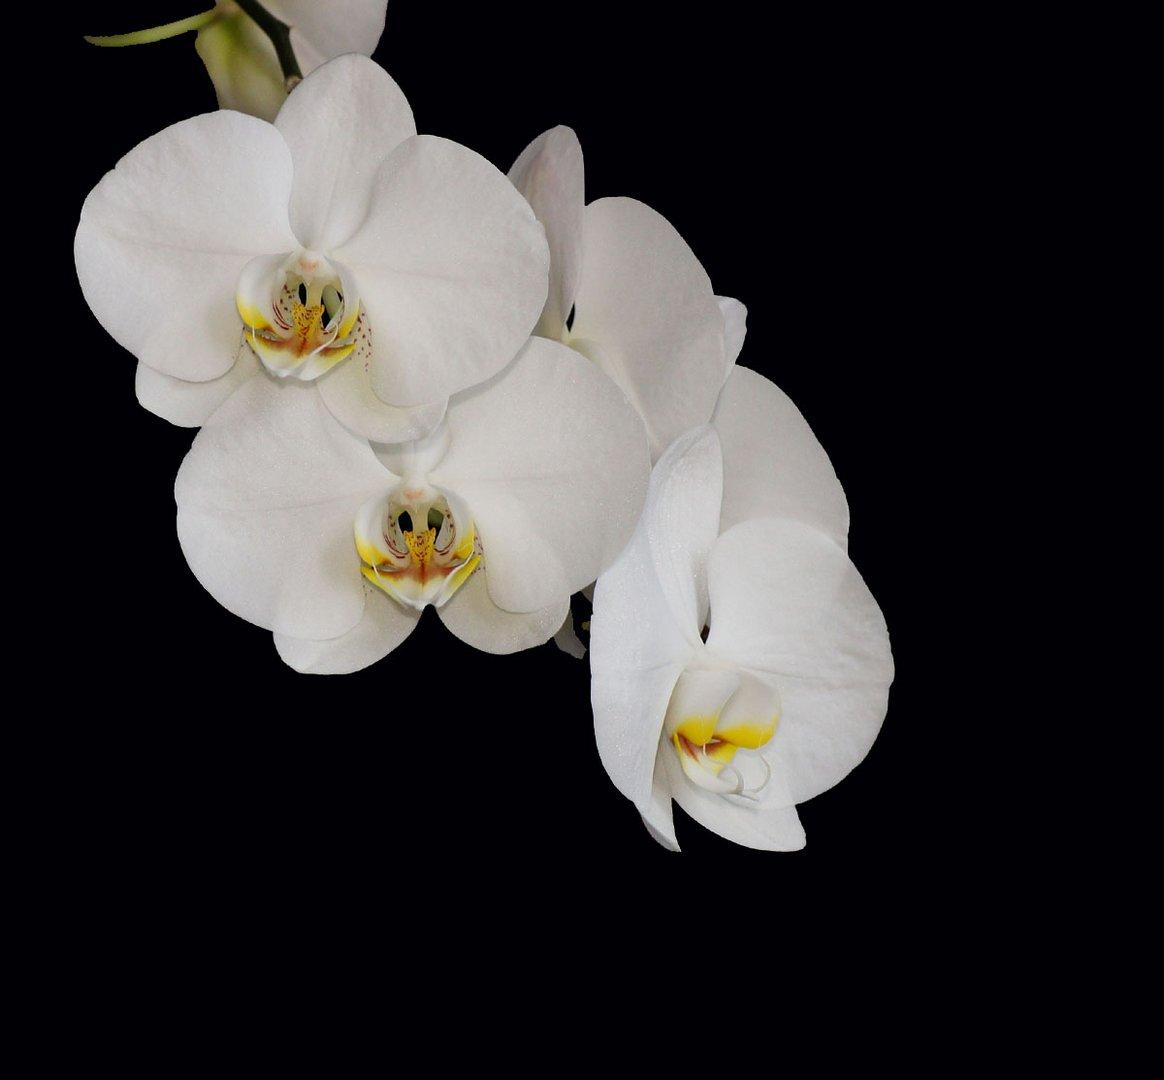 Weisse Phalaenopsis (Orchidee).